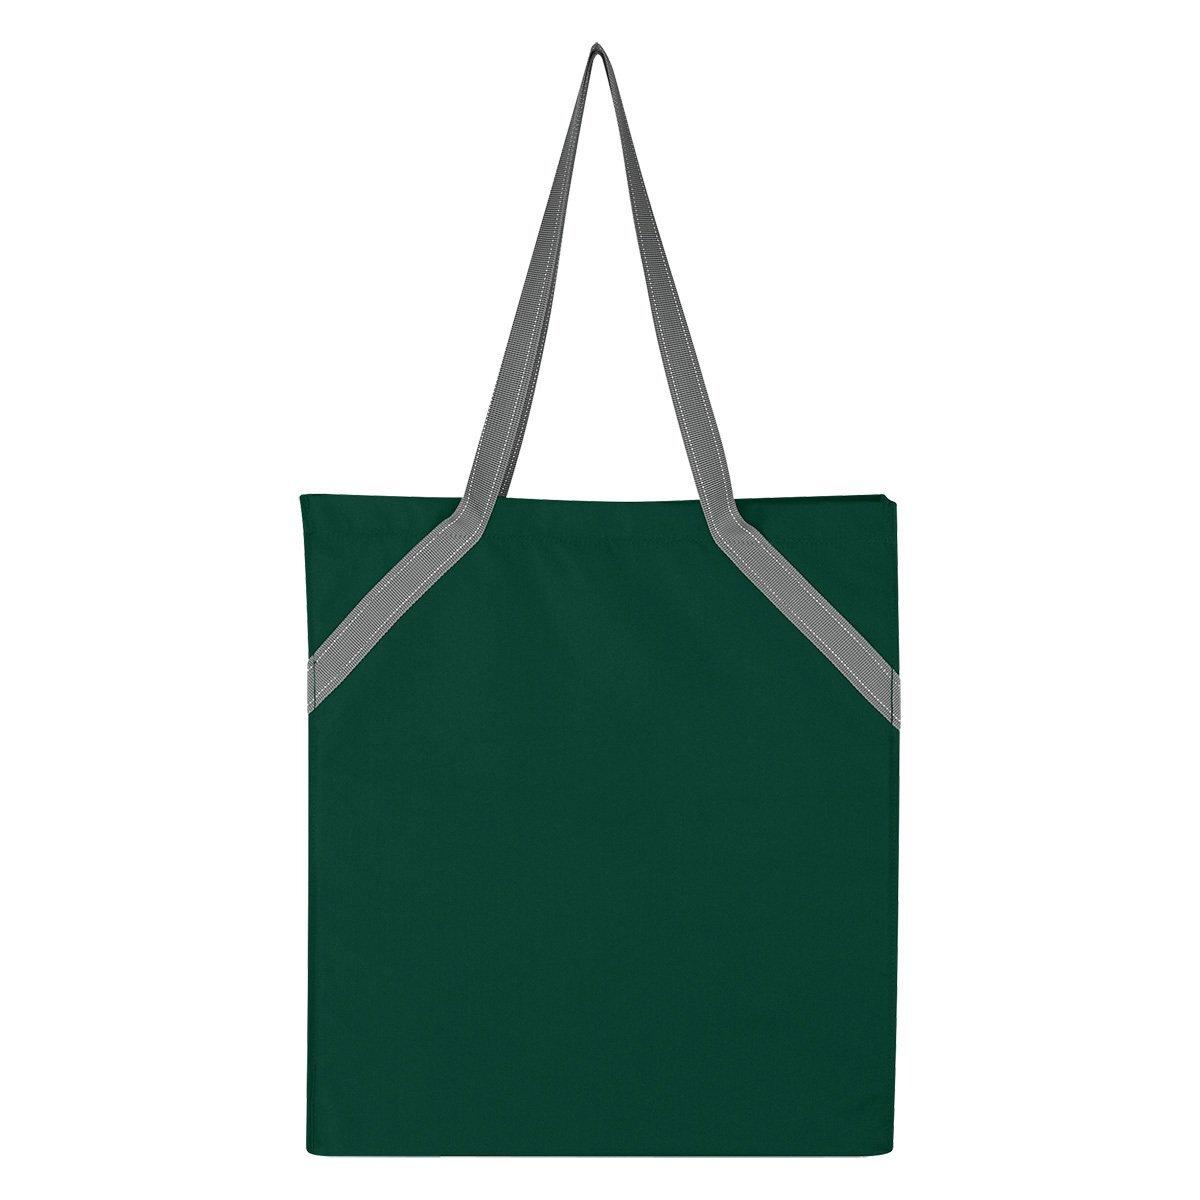 Bagley Tote Bag